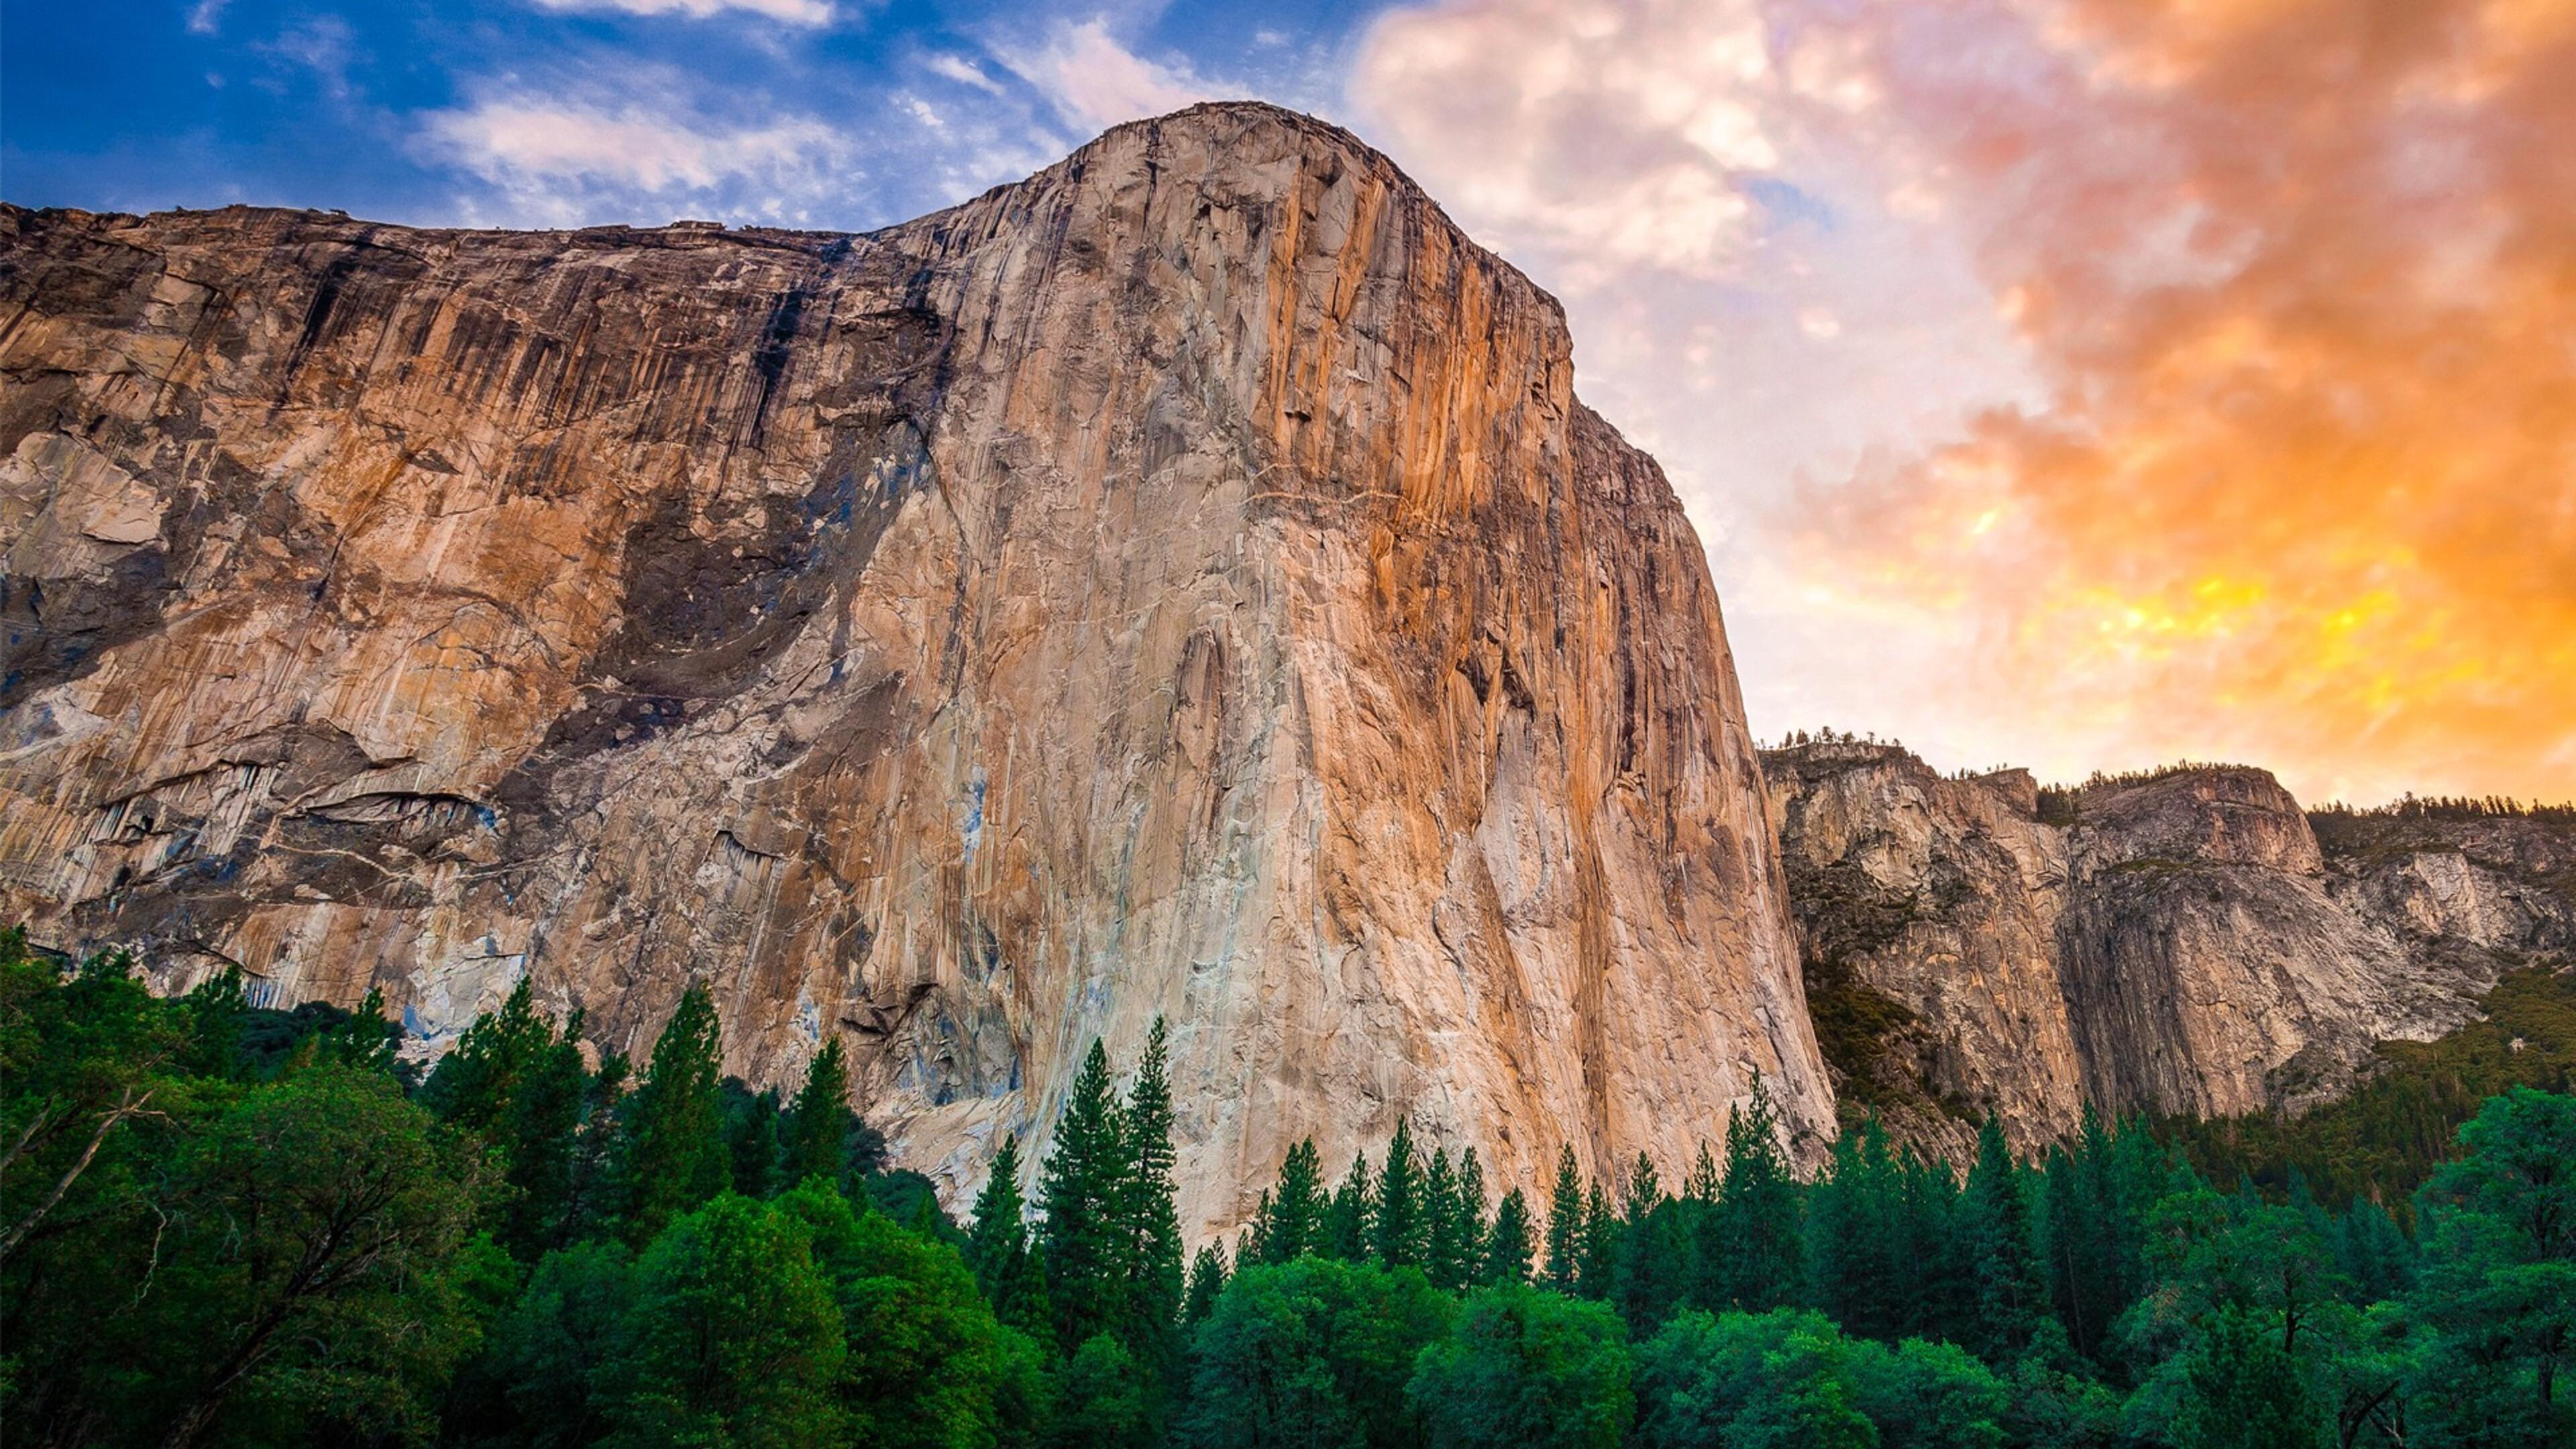 3840x2160 Yosemite Mountains 4k HD 4k Wallpapers, Images ...